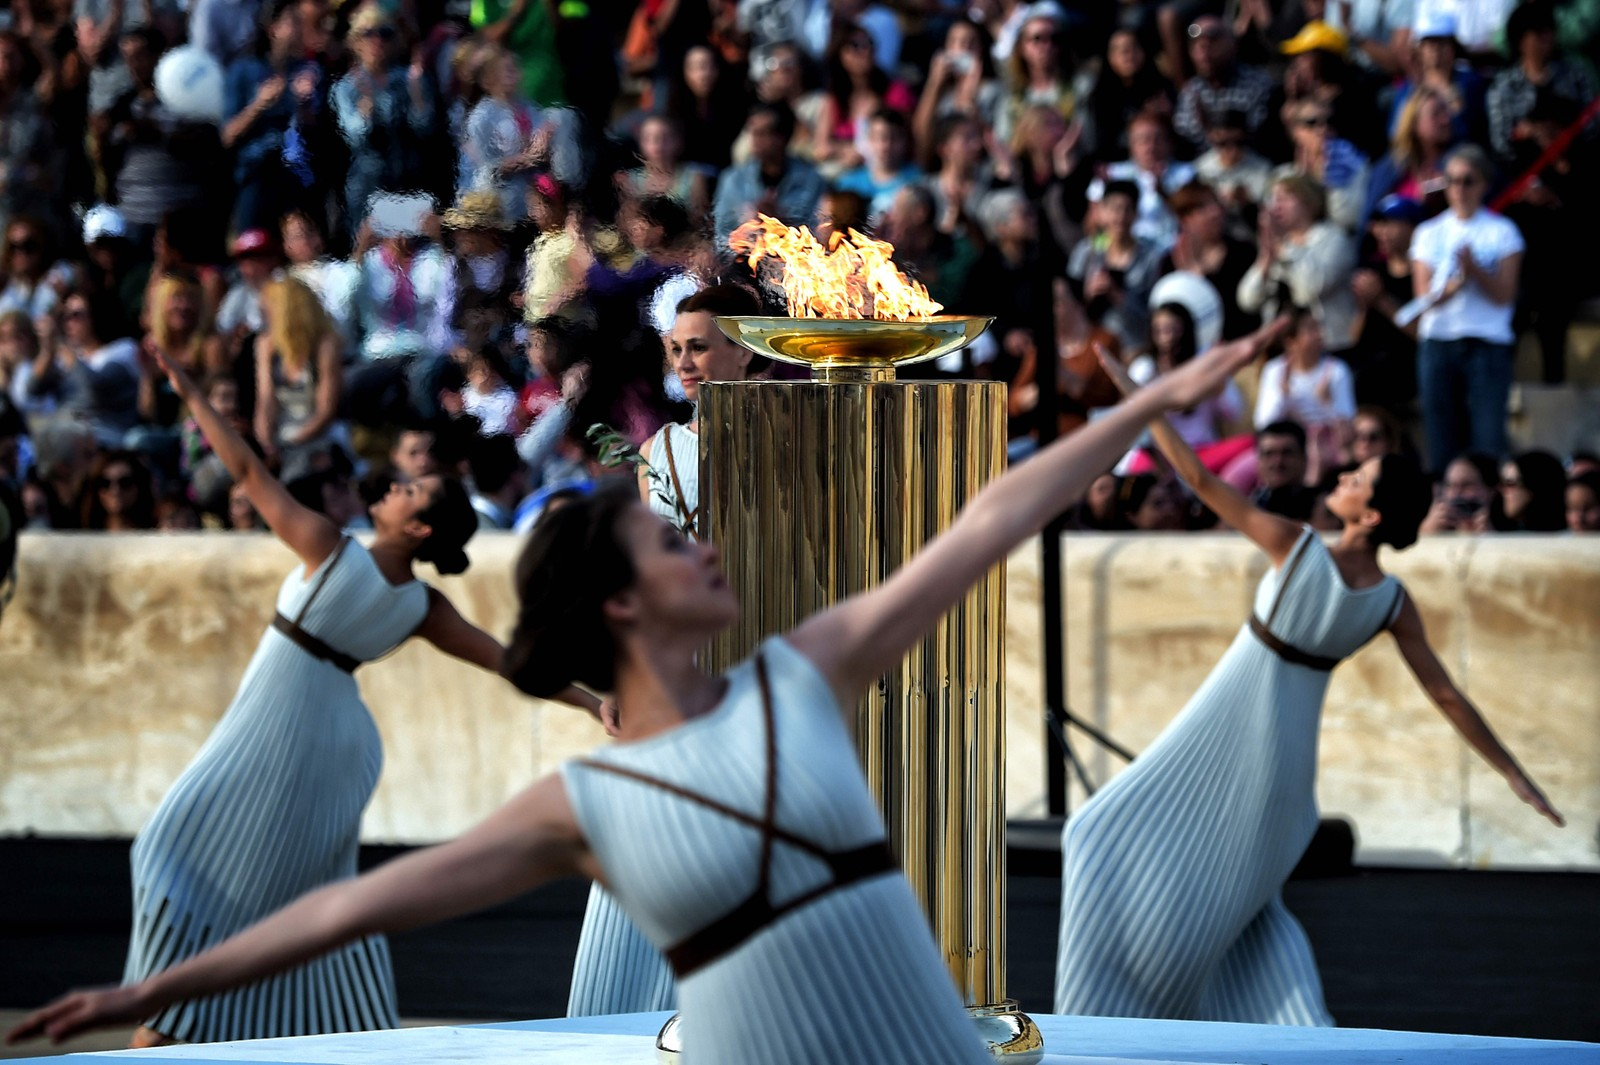 Prestinner danser rundt OL-flammen under overleverings-seremonien på Panatinean stadion i Aten onsdag denne uken, da OL-ilden offisielt ble overrakt representanter fra sommer-OL i Rio de Janeiro. Overrekkelsen markerte at det var 100 dager til OL starter 5. august.